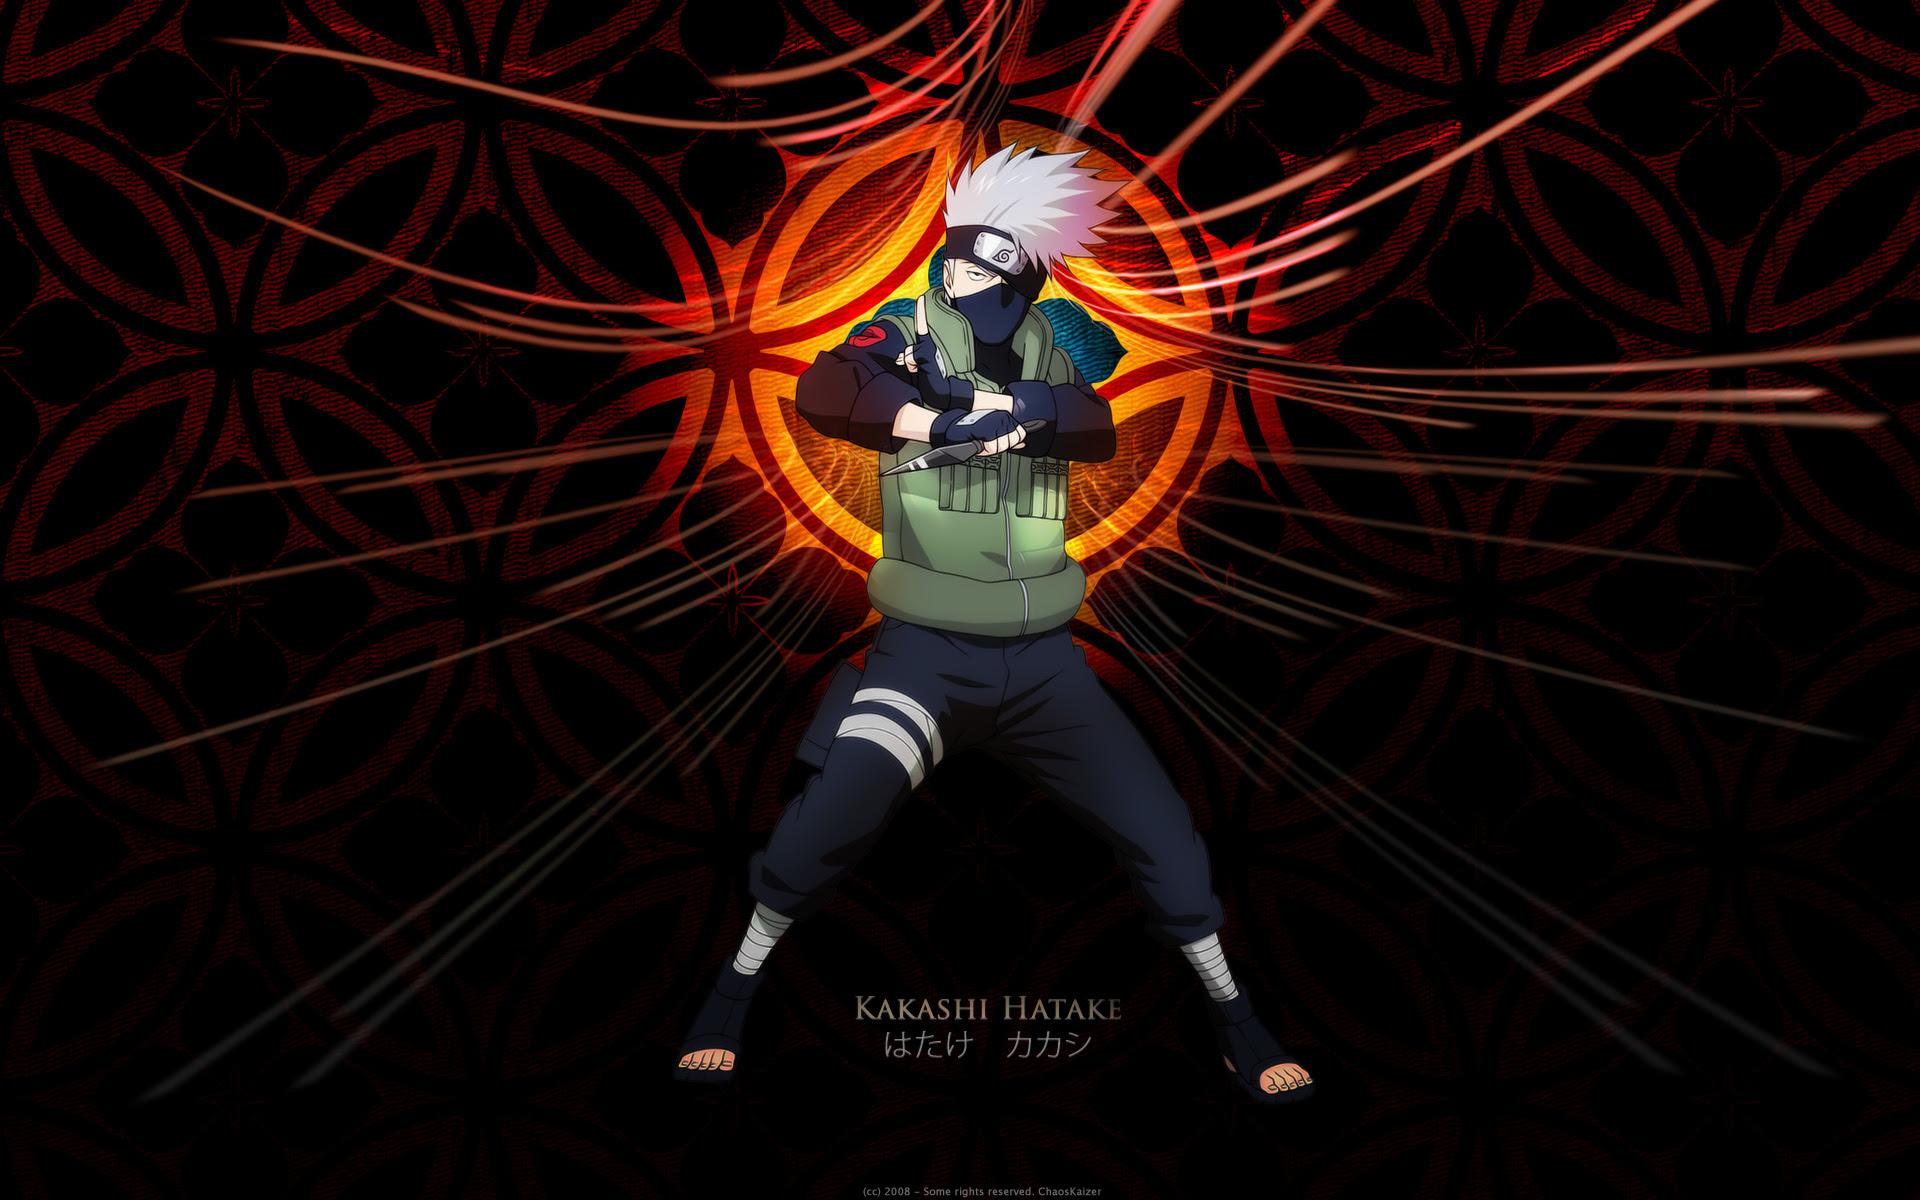 はたけカカシ Naruto ナルト ナルト 疾風伝 壁紙 34354508